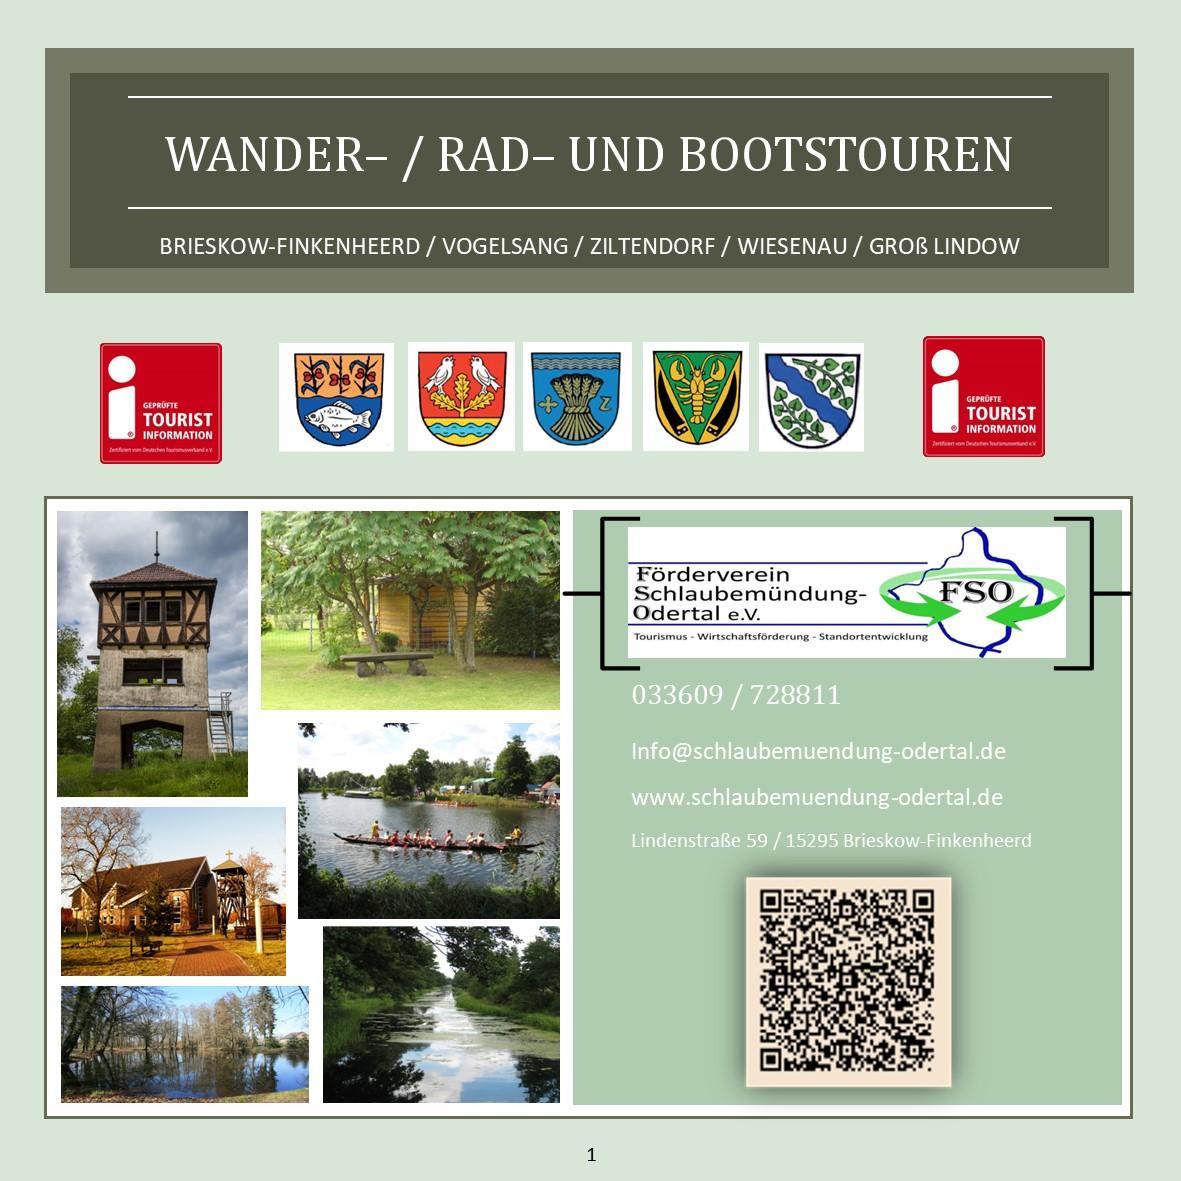 06_Broschüren_Rad_und_Bootstouren1